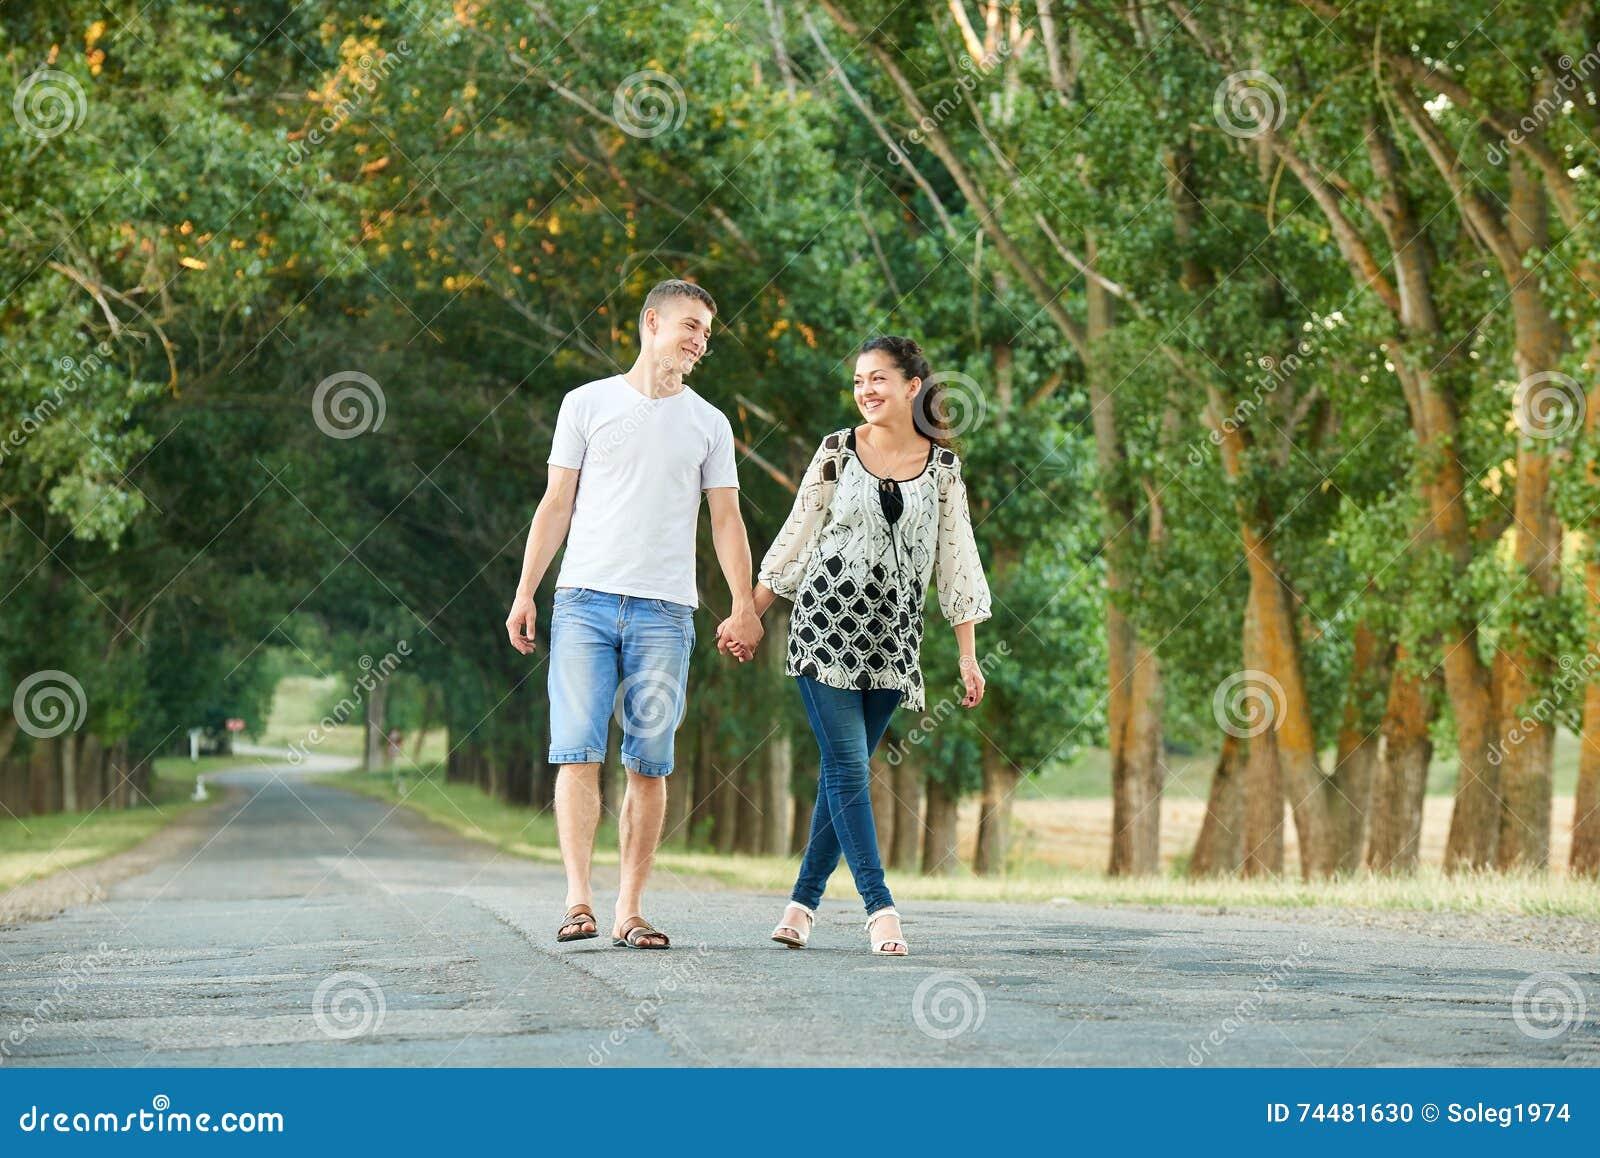 Счастливые молодые пары идут на проселочную дорогу внешнюю, романтичную концепцию людей, сезон лета